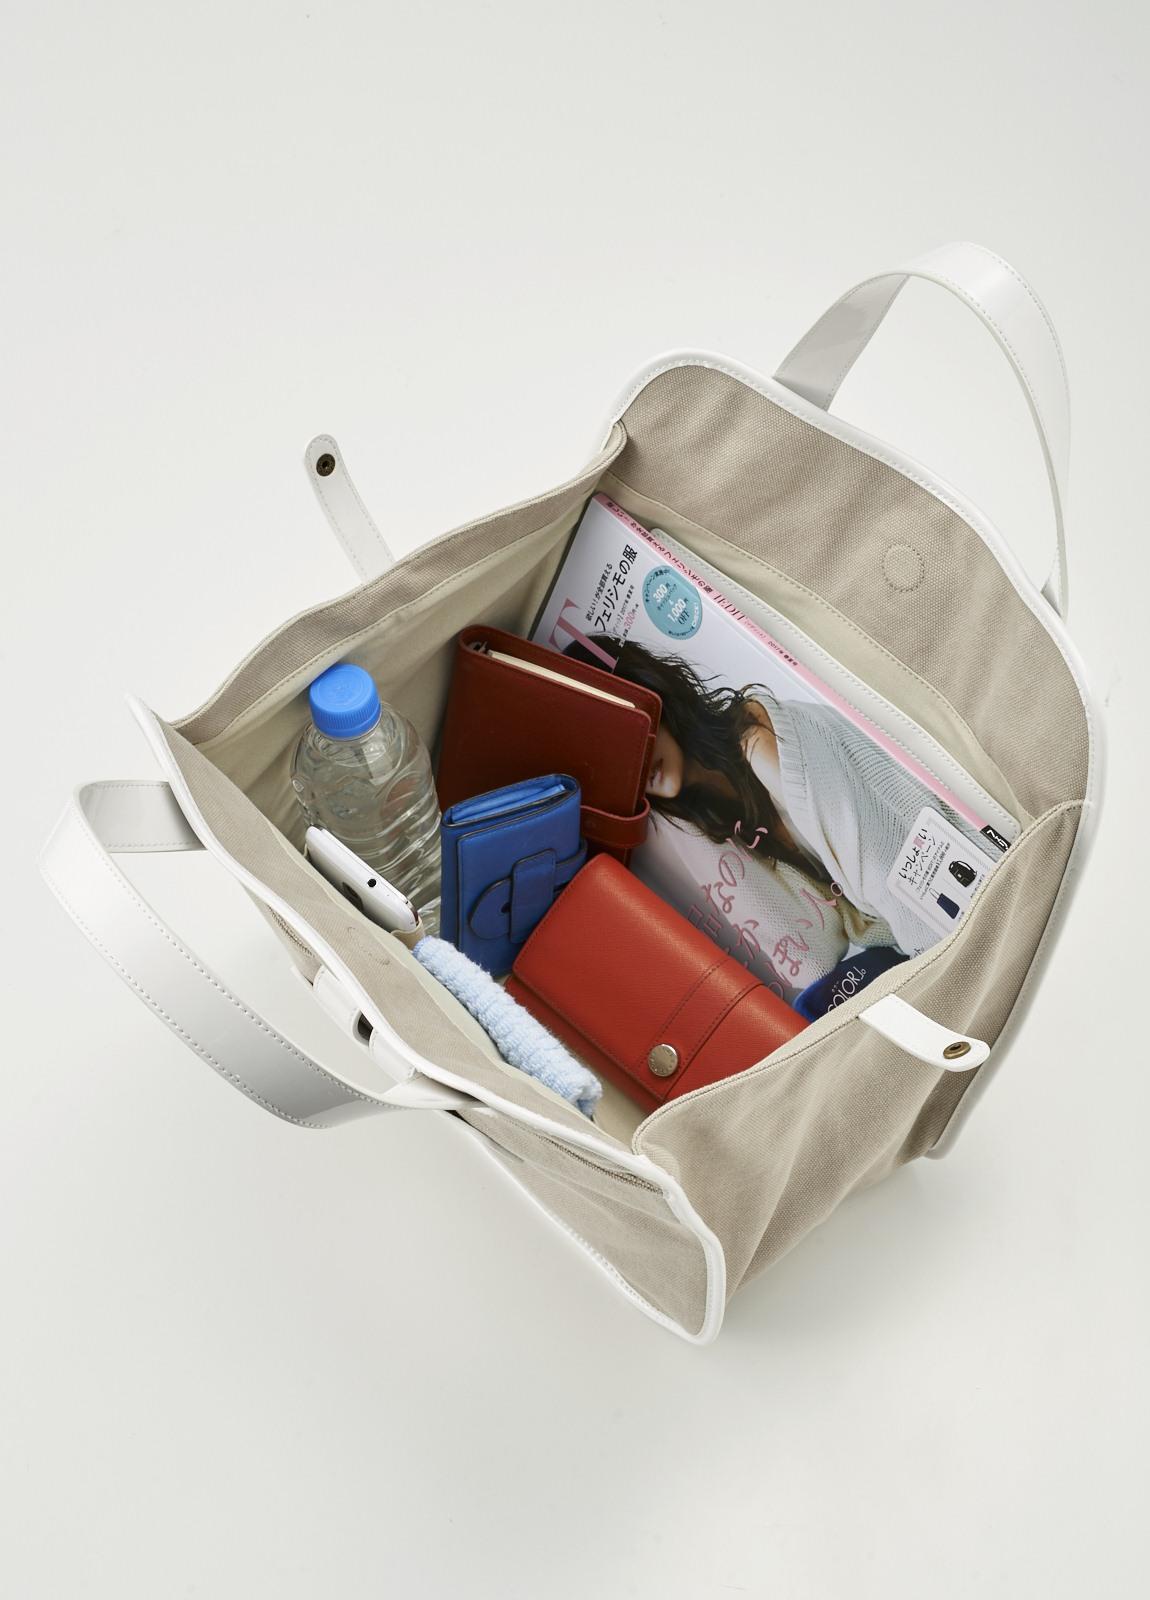 マグネット開閉式。がばっと開いて荷物の出し入れがしやすい。A4サイズもらくらく入ります。